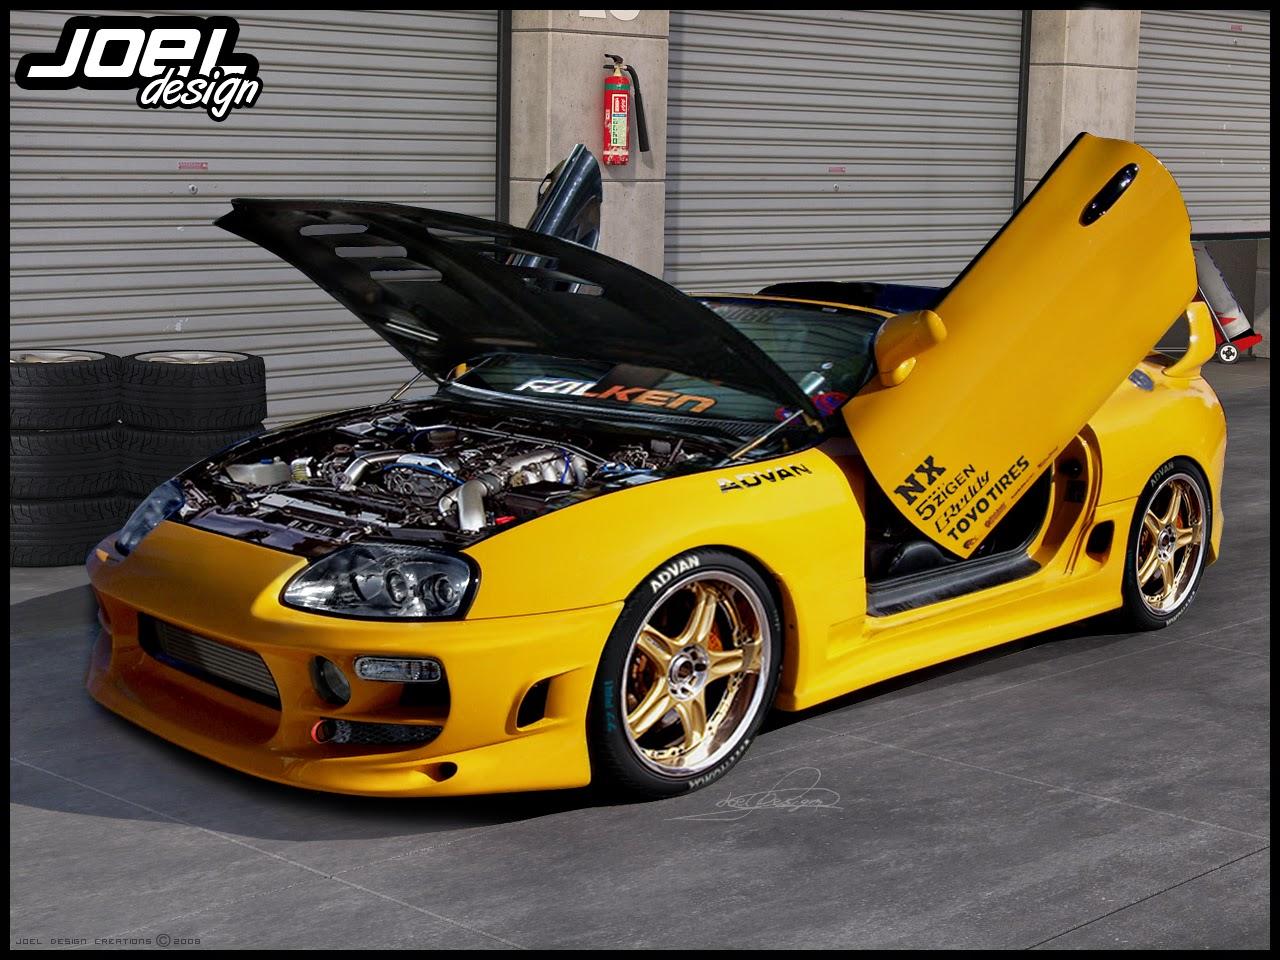 Οδηγήστε και σεις μια υπέροχη Toyota Supra!